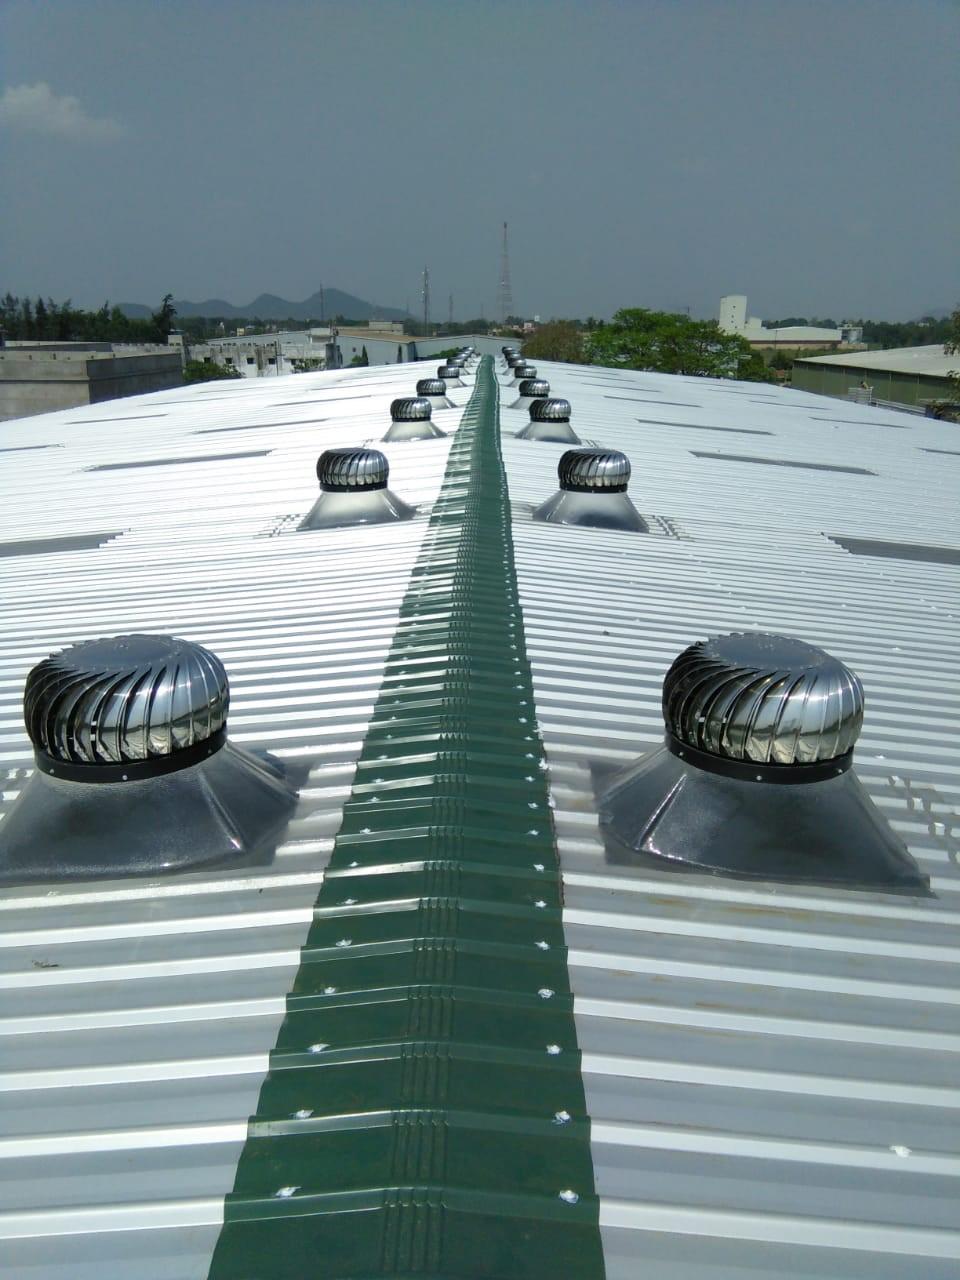 Turbo Vents, silicon fasteners